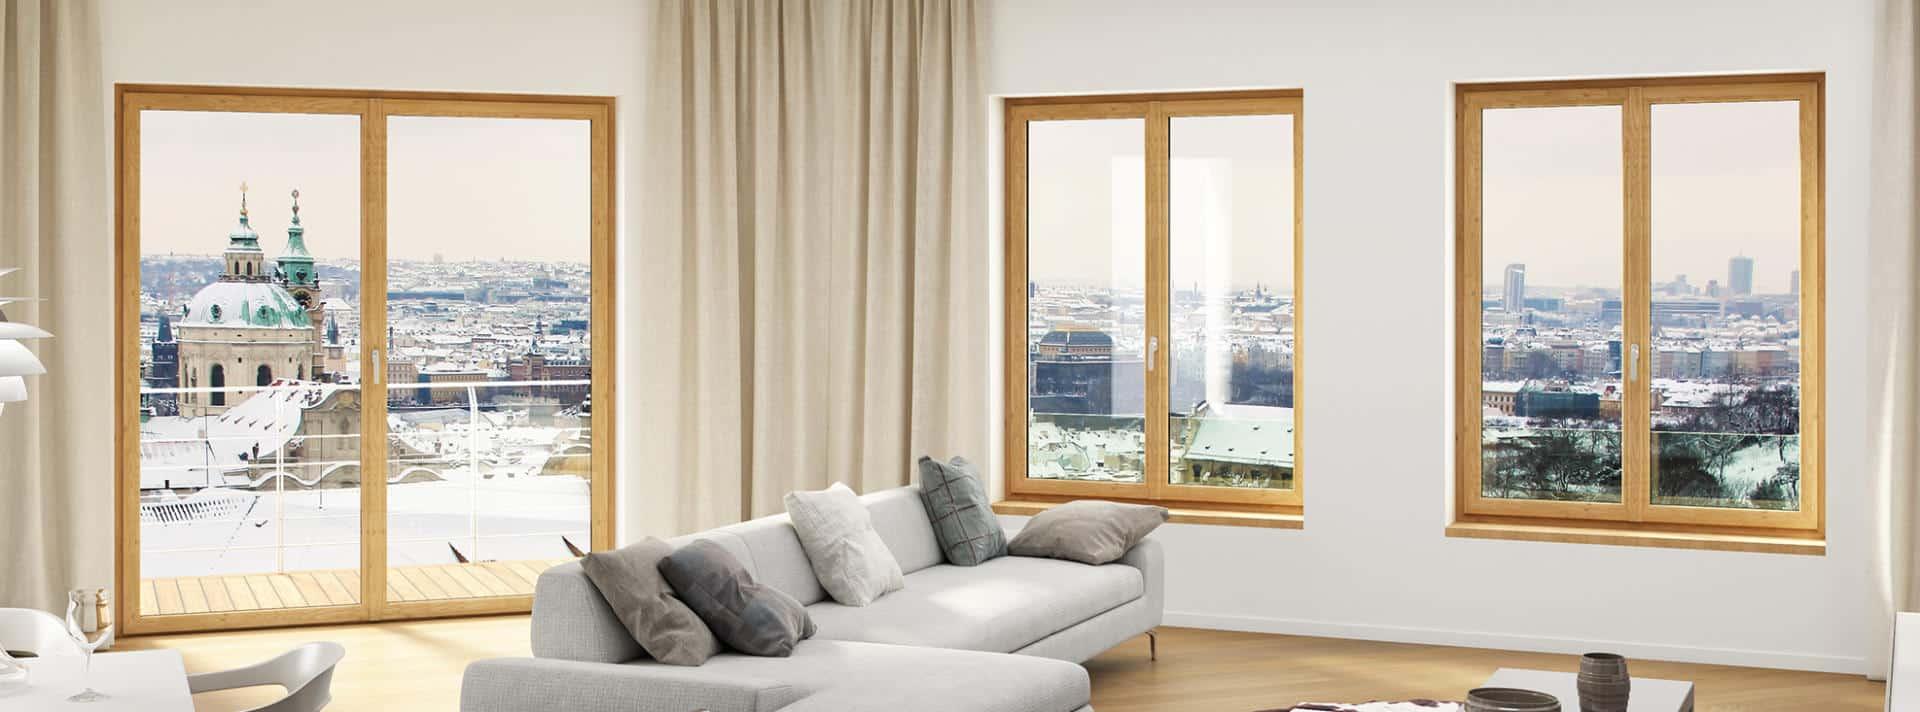 Quel type de fenêtre choisir ? Bois, Alu, PVC ?